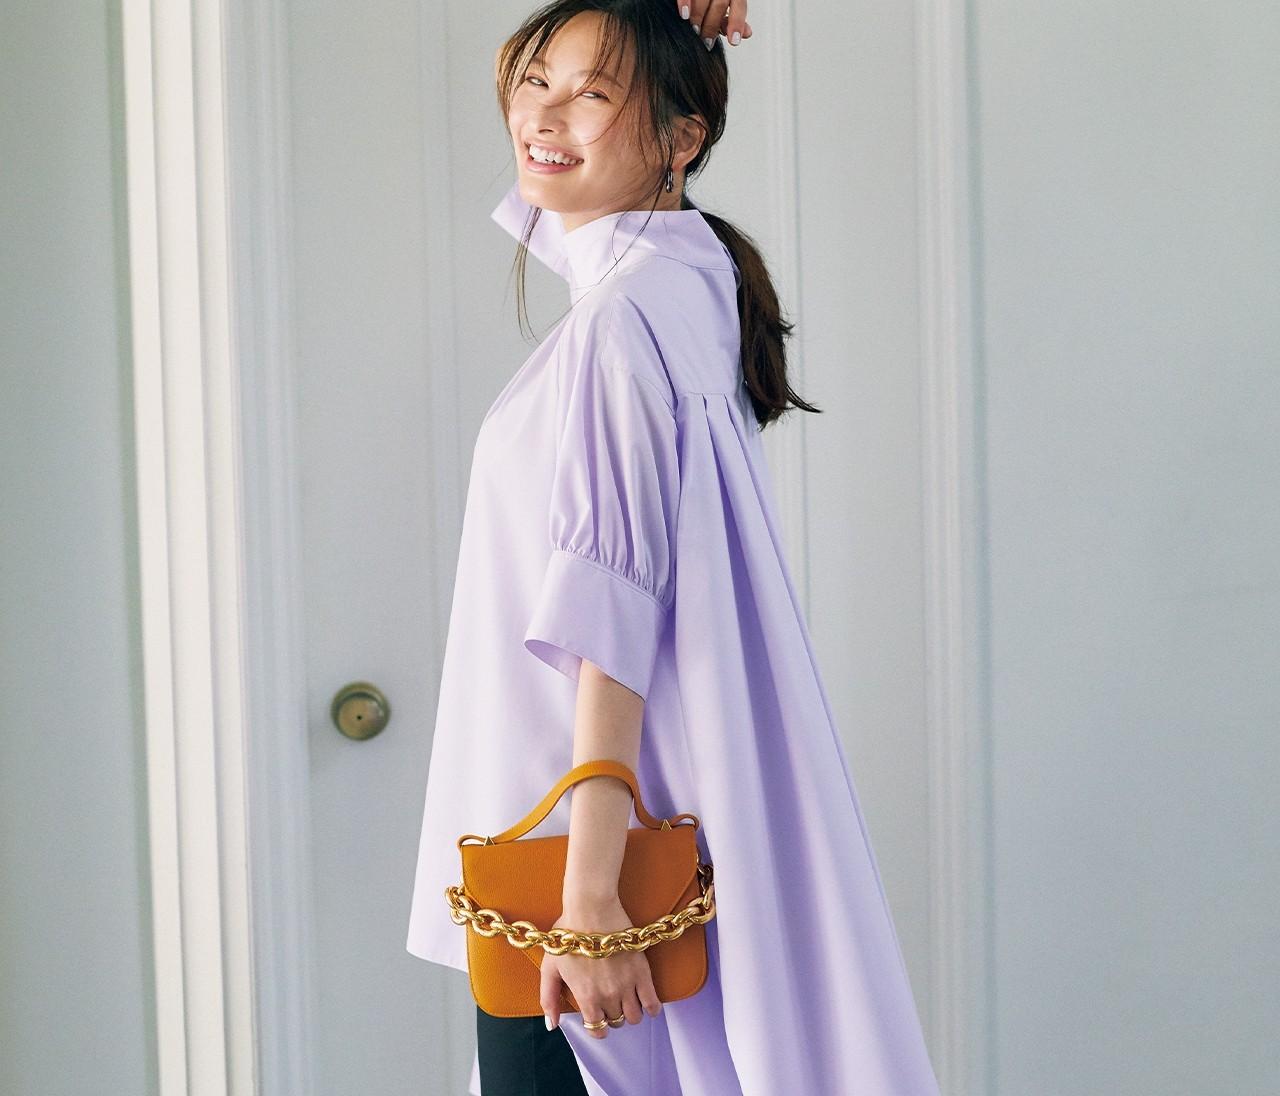 ボッテガ・ヴェネタから最新バッグ「マウント」登場!【30代のブランドフォーカス】